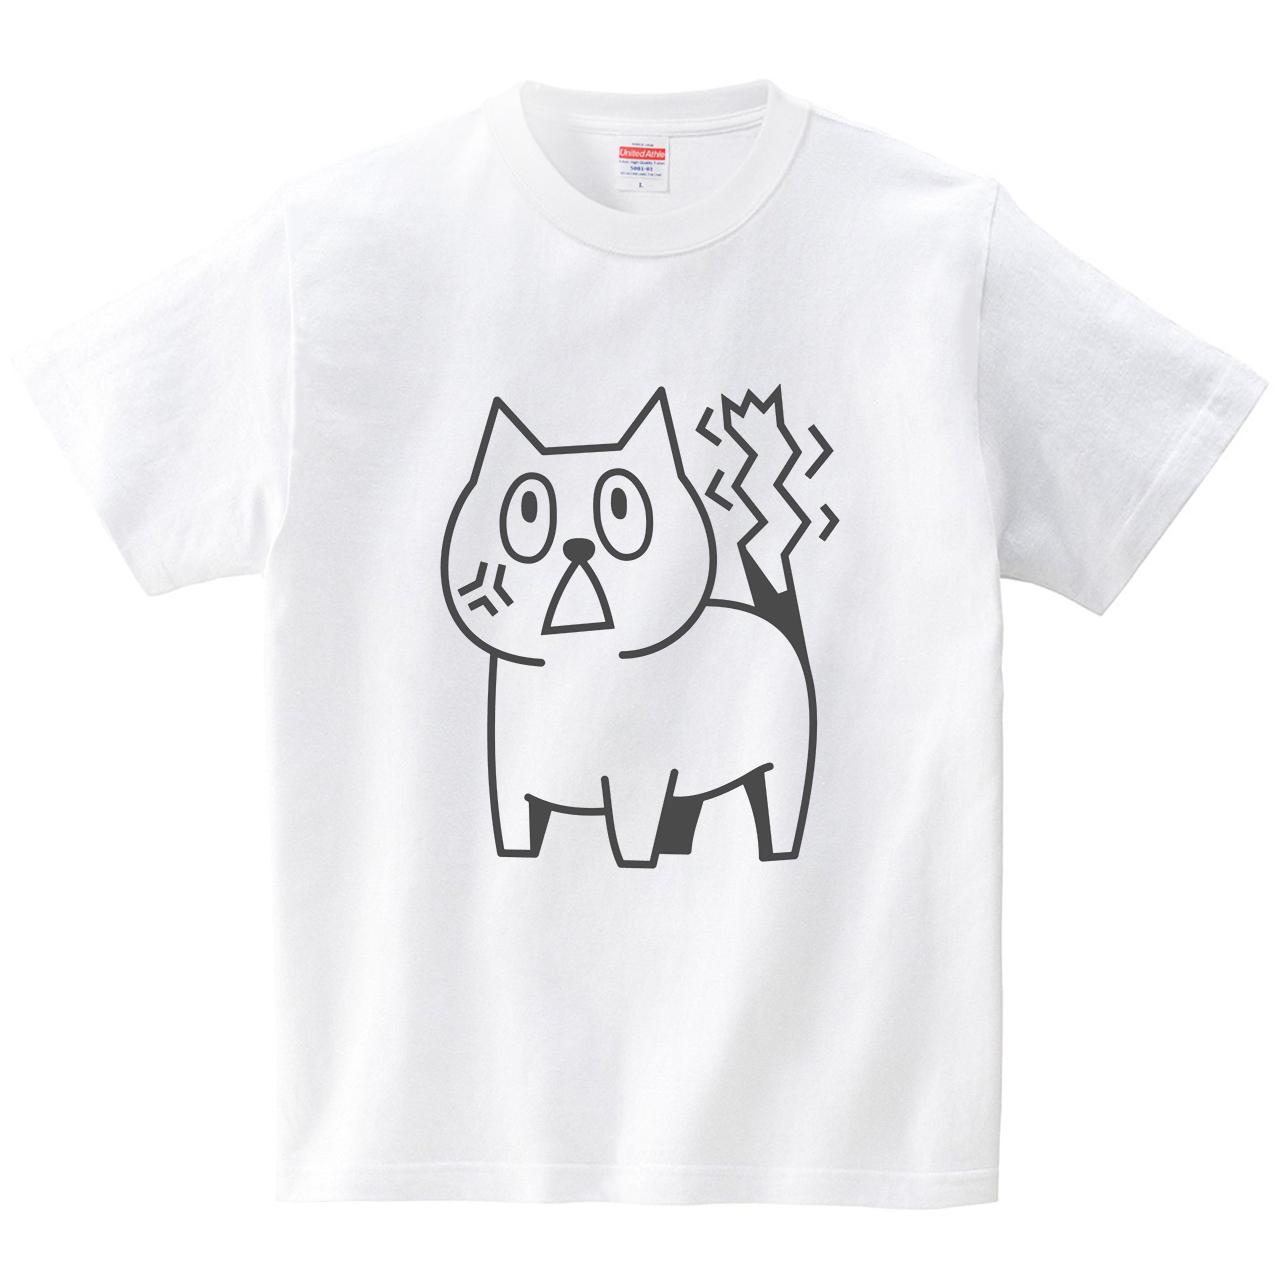 激怒にゃんこ(Tシャツ・ホワイト)(犬田猫三郎)